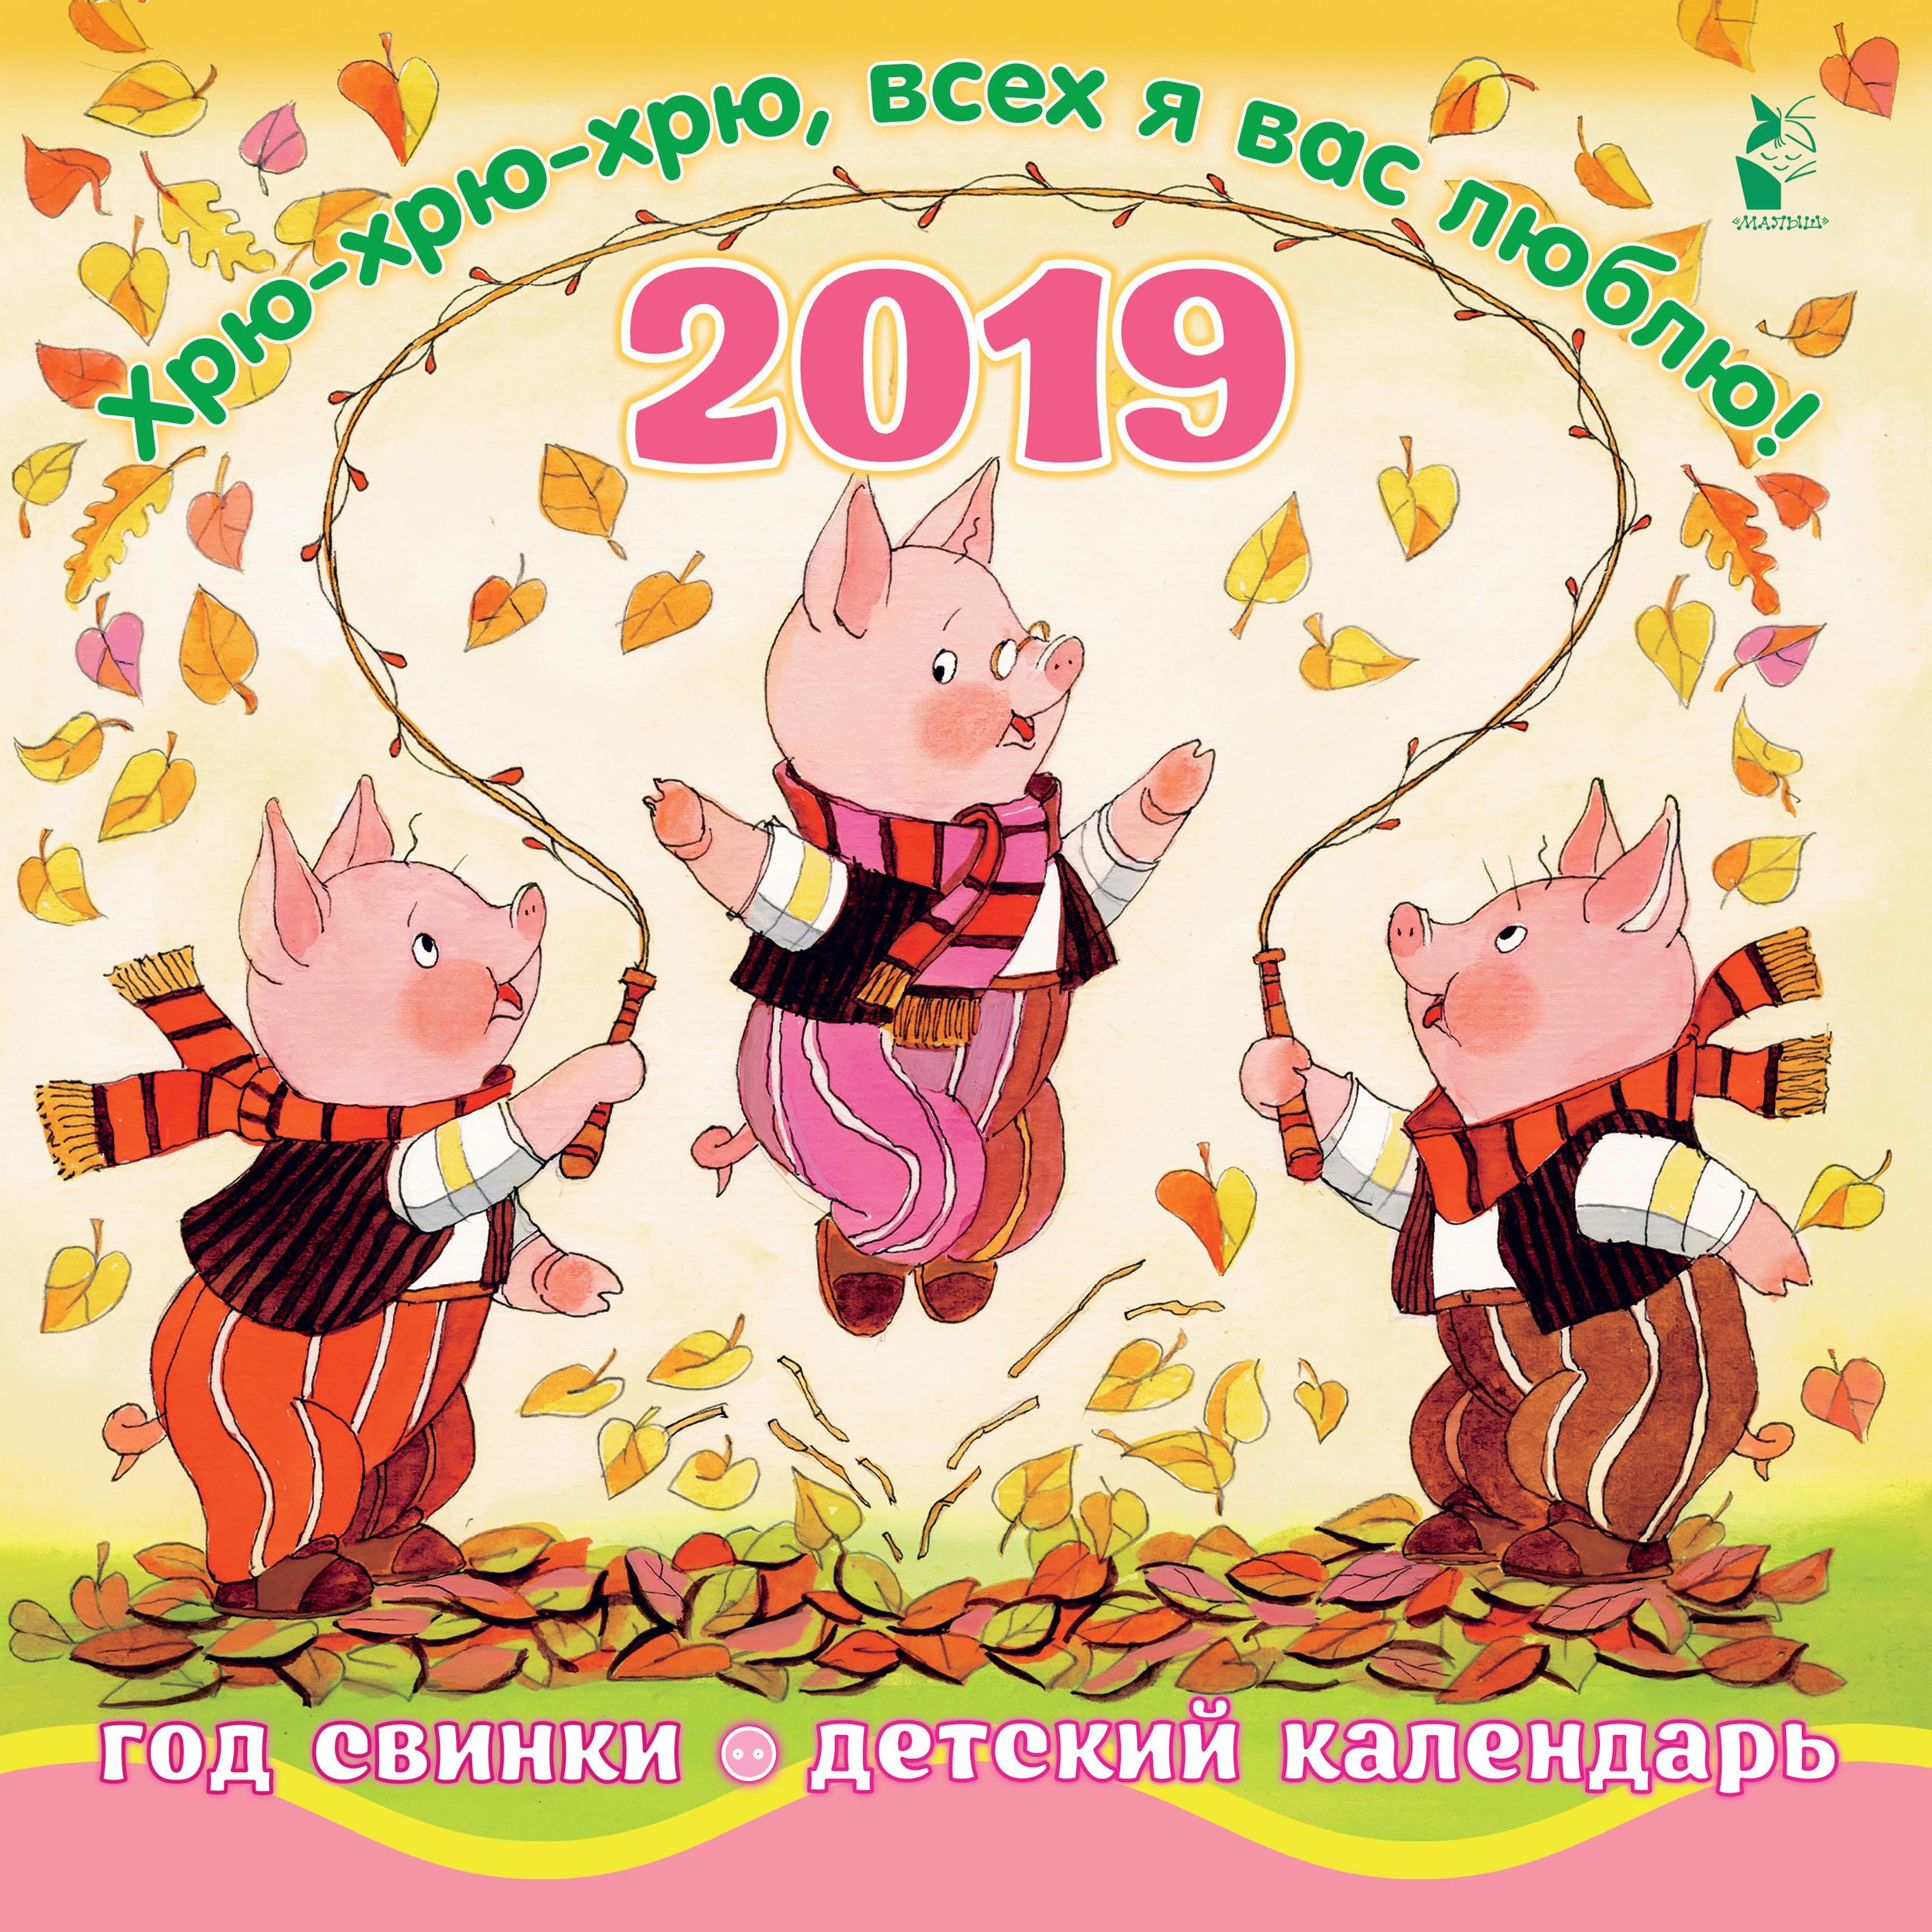 оказались поздравления с днем рождения год свиньи очки решают таких